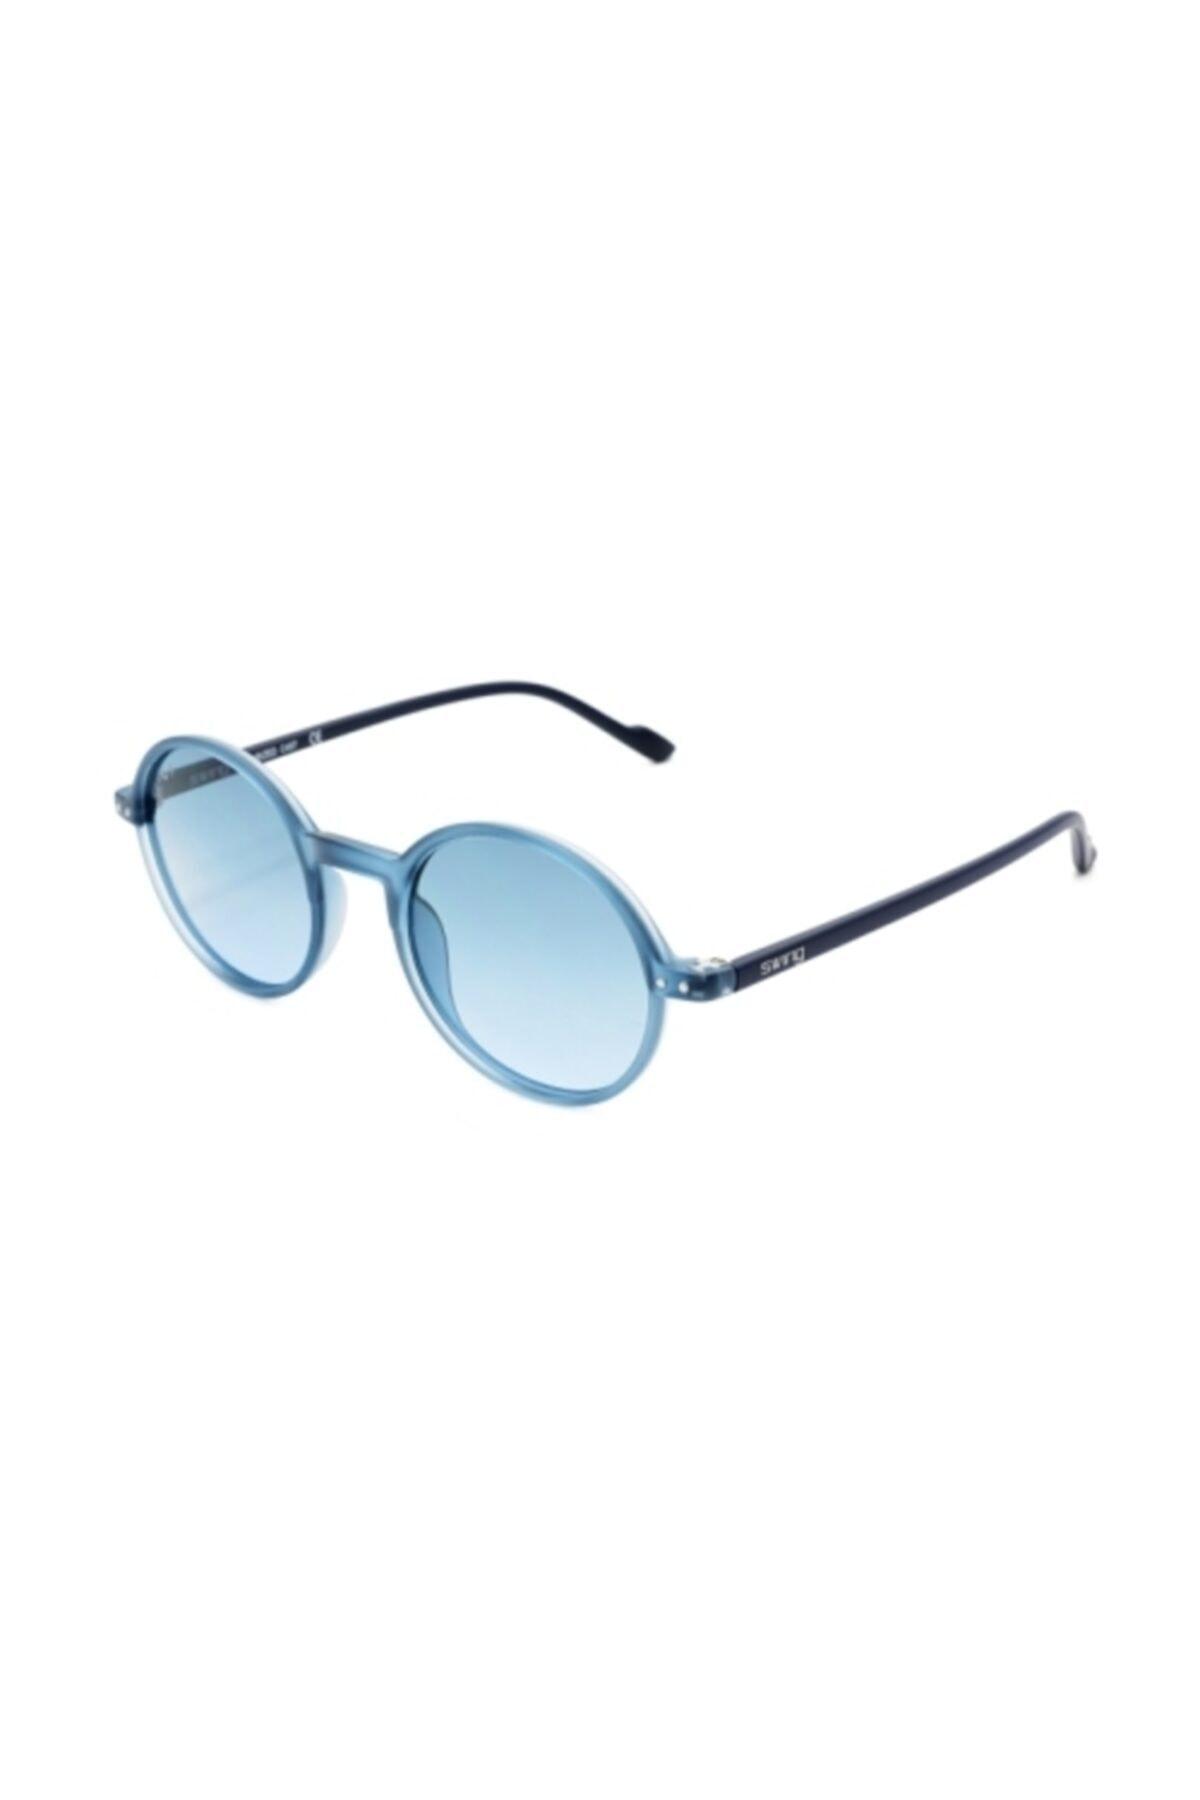 خرید اینترنتی عینک دودی خاص مردانه برند Swing رنگ آبی کد ty52502951